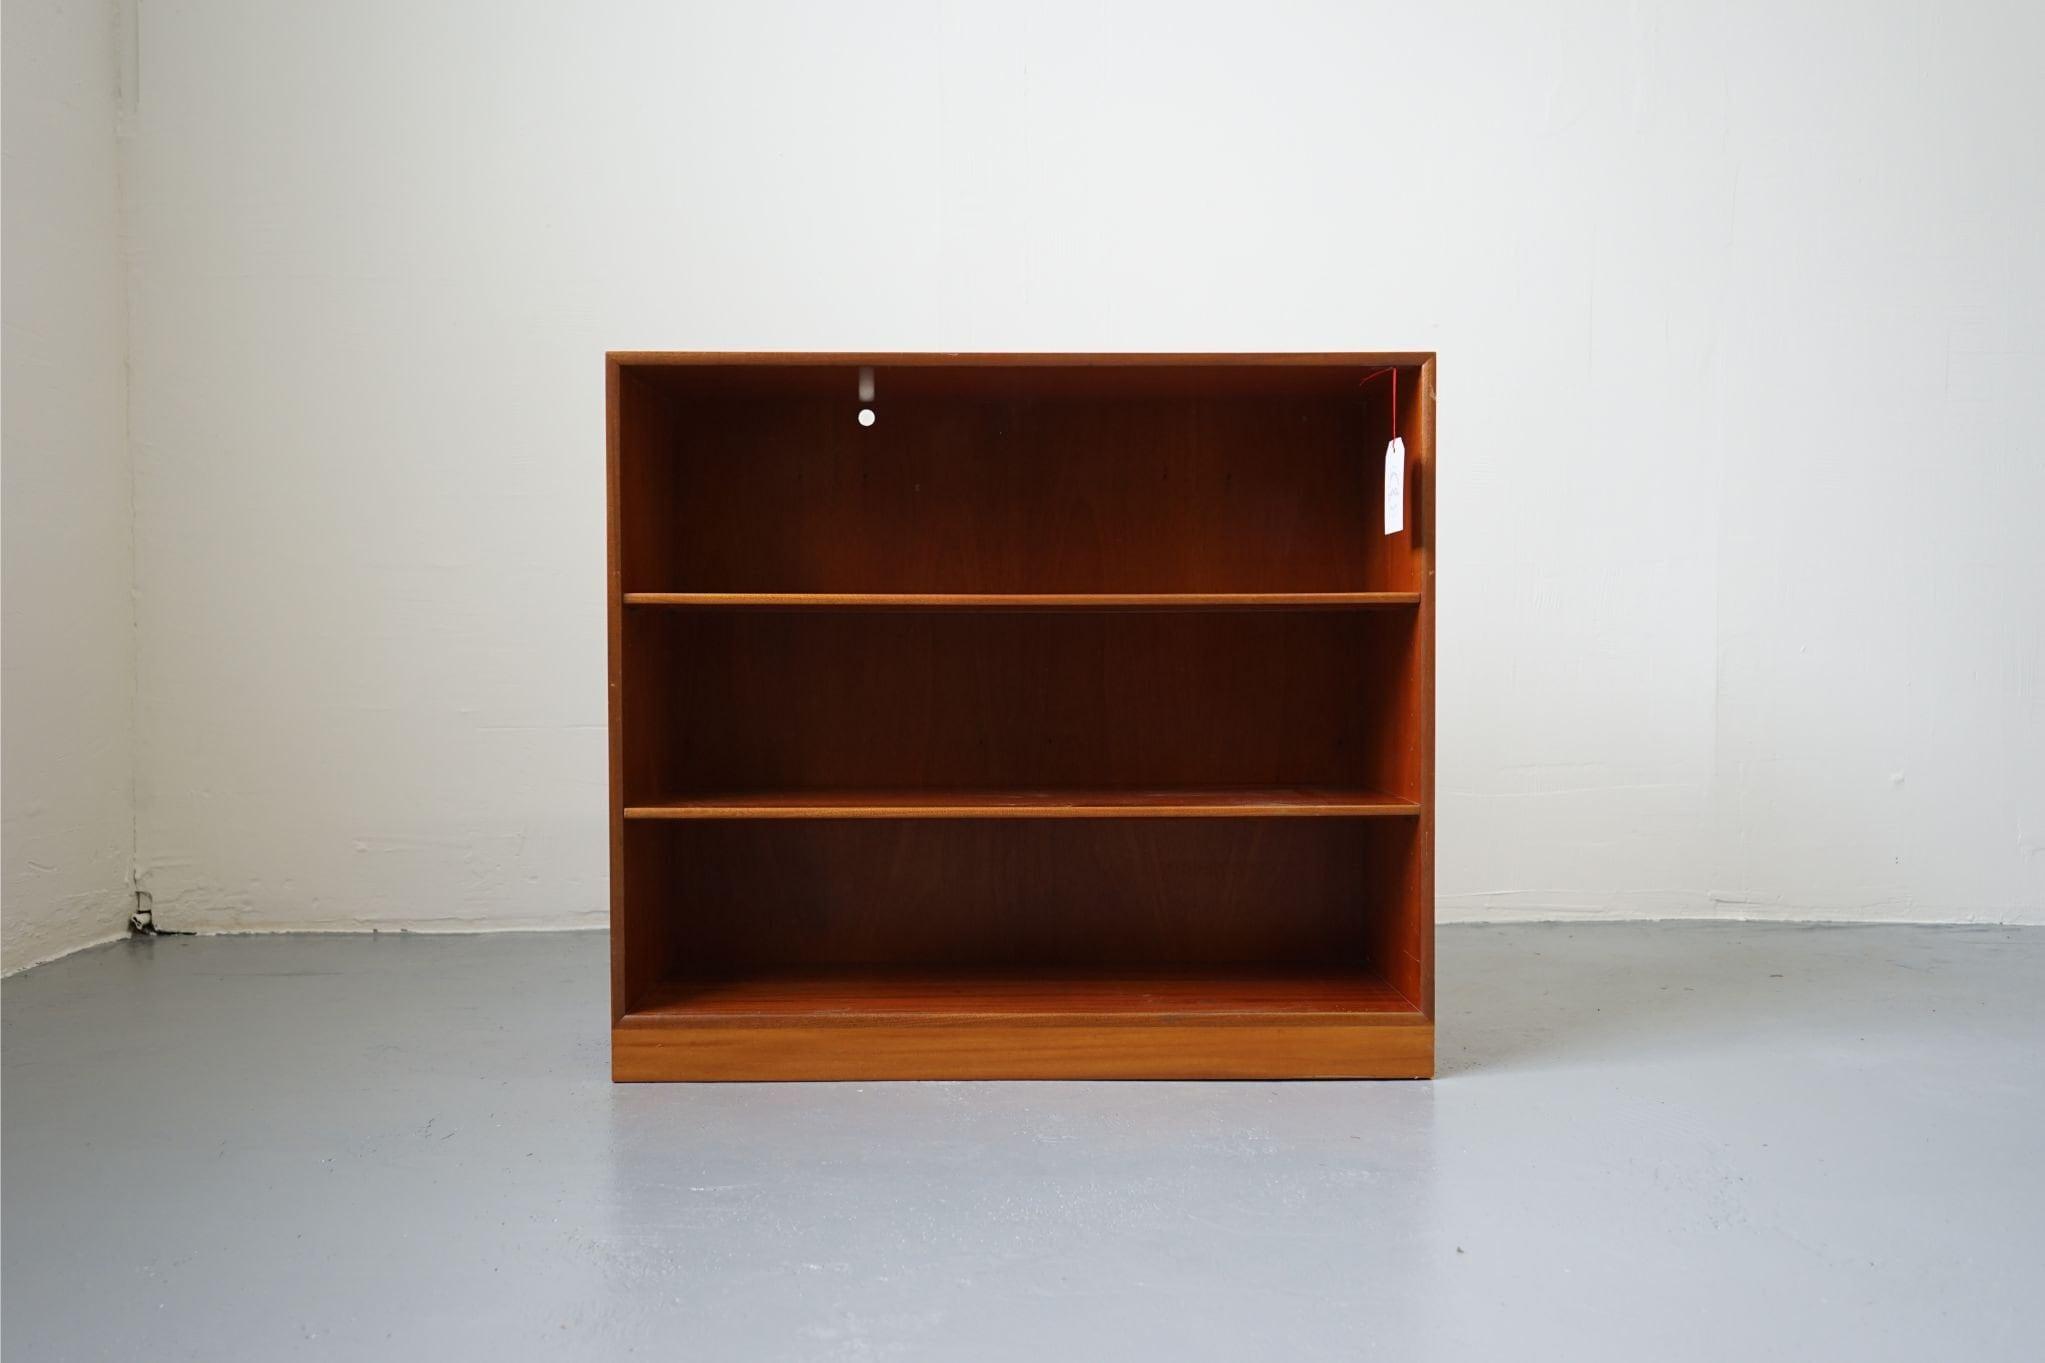 Danish Mid Century Bookcase Made With Mahogany 312 244 3